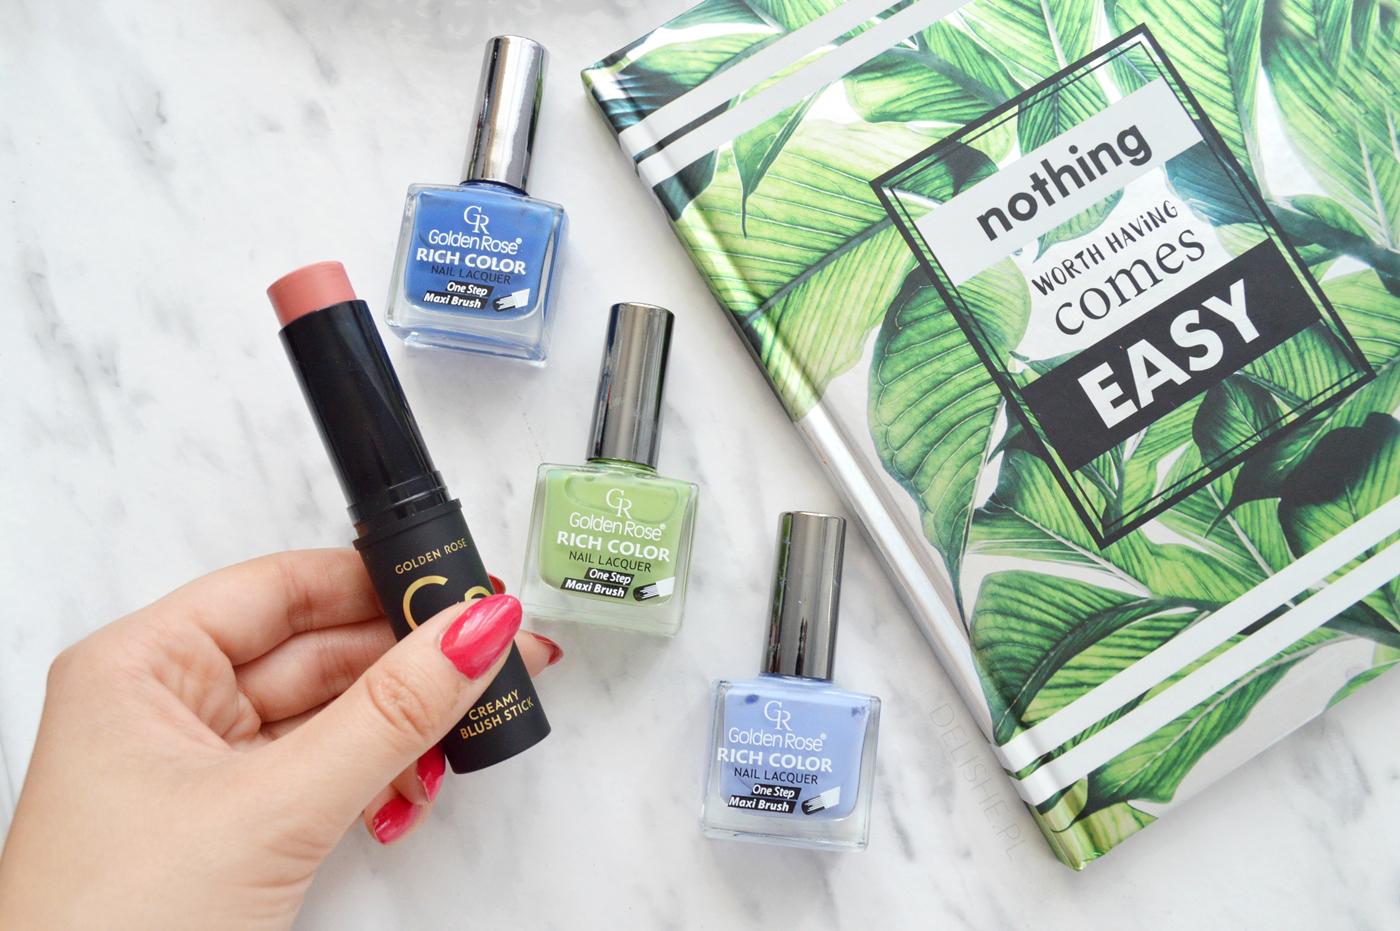 kosmetyki golden rose blog